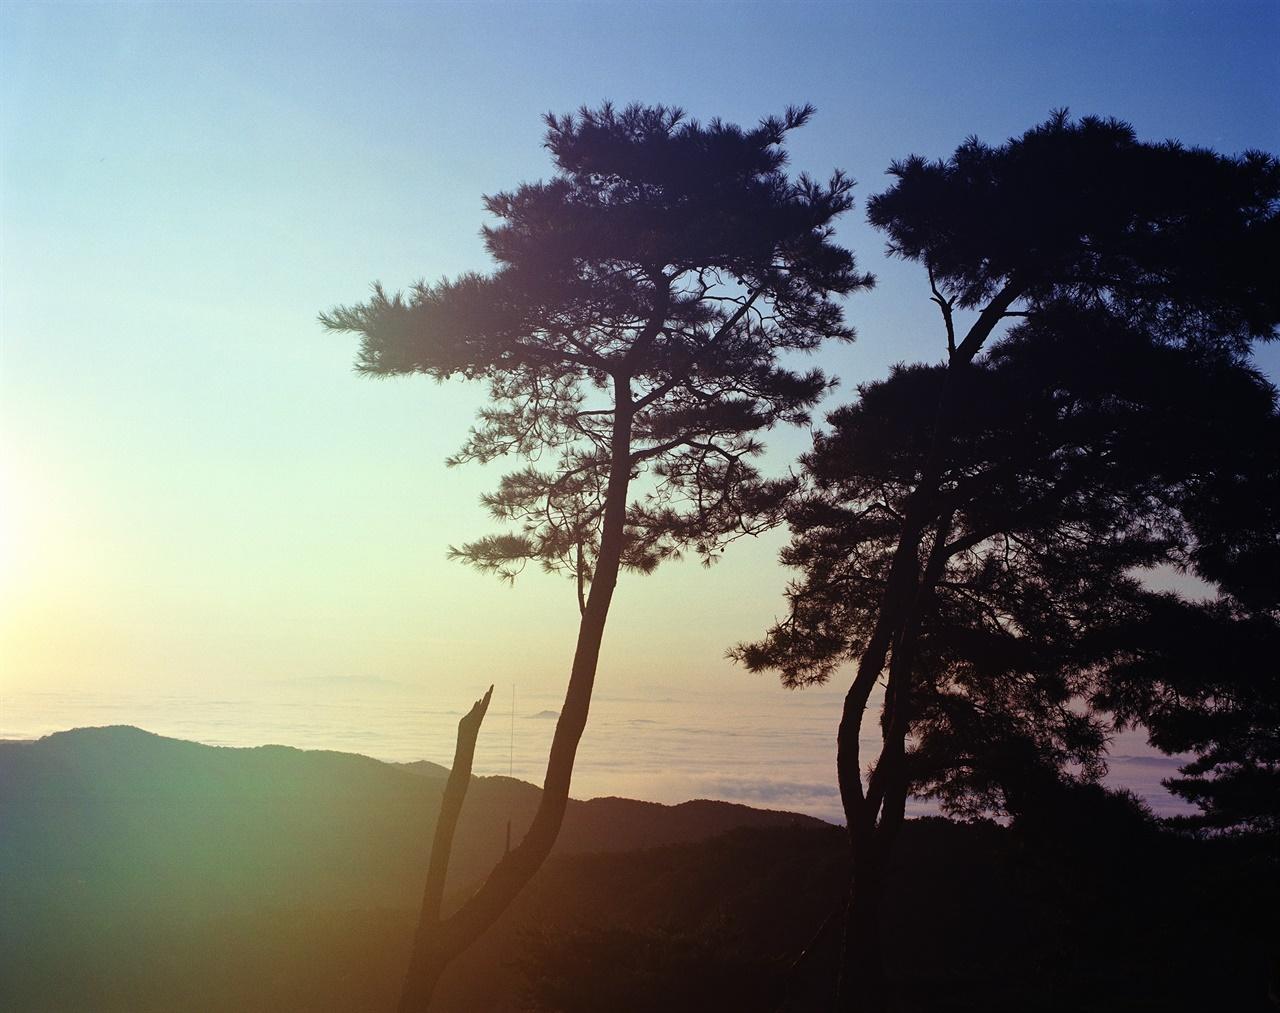 능선, 운해, 나무 (67ii/Portra400) 사광의 강렬함을 표현하기 위해 후드를 빼고 플레어를 그대로 받아들였다.